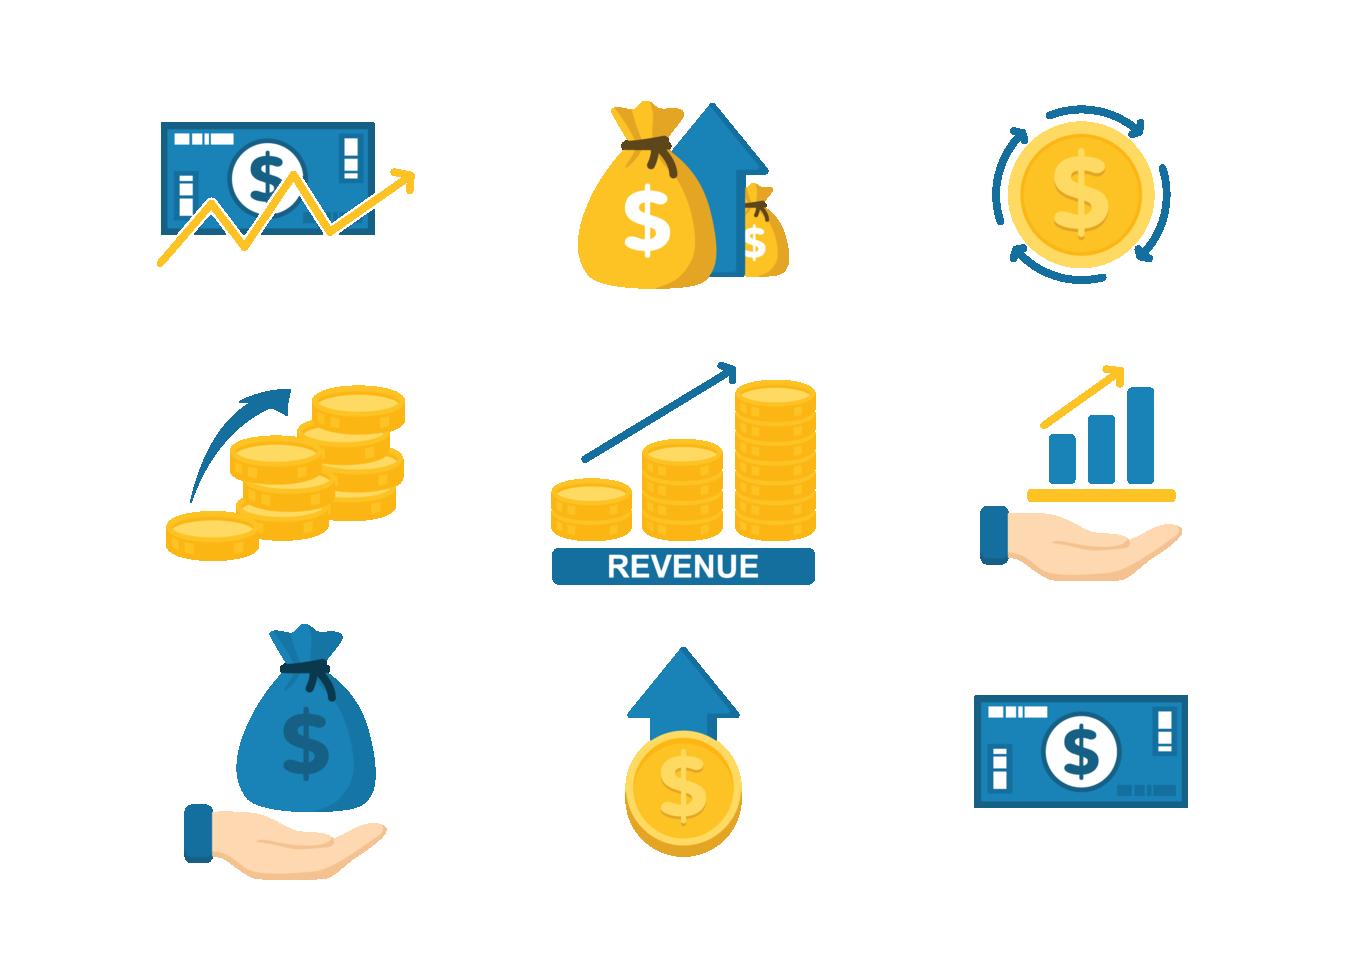 Ce buget imi trebuie pentru marketing online?